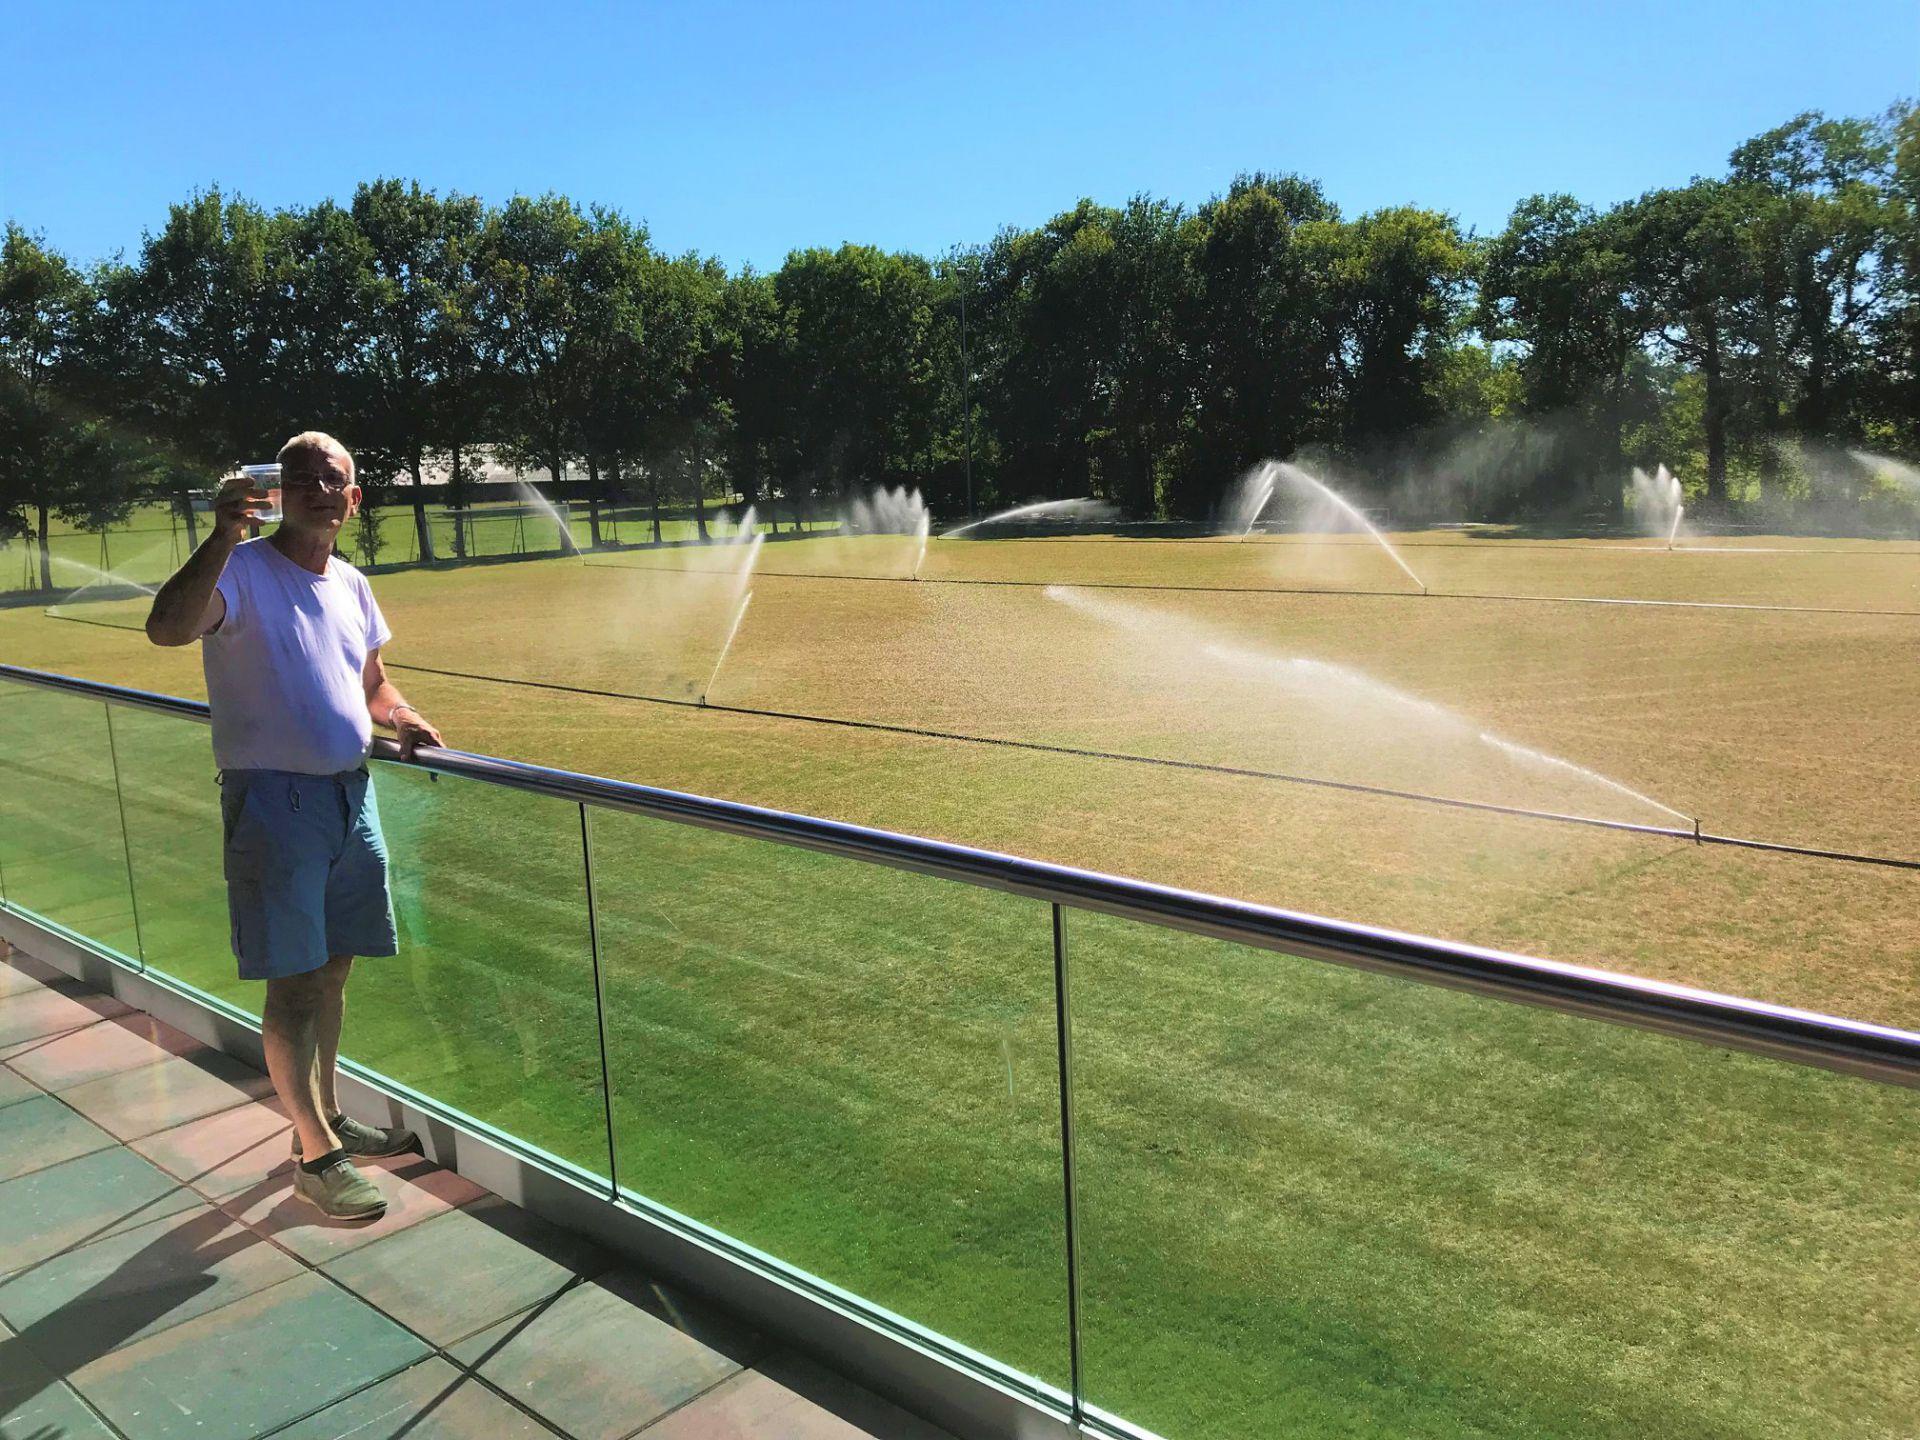 Hof van Twente: 'Inzet extra mensen en materiaal in strijd tegen droogte'